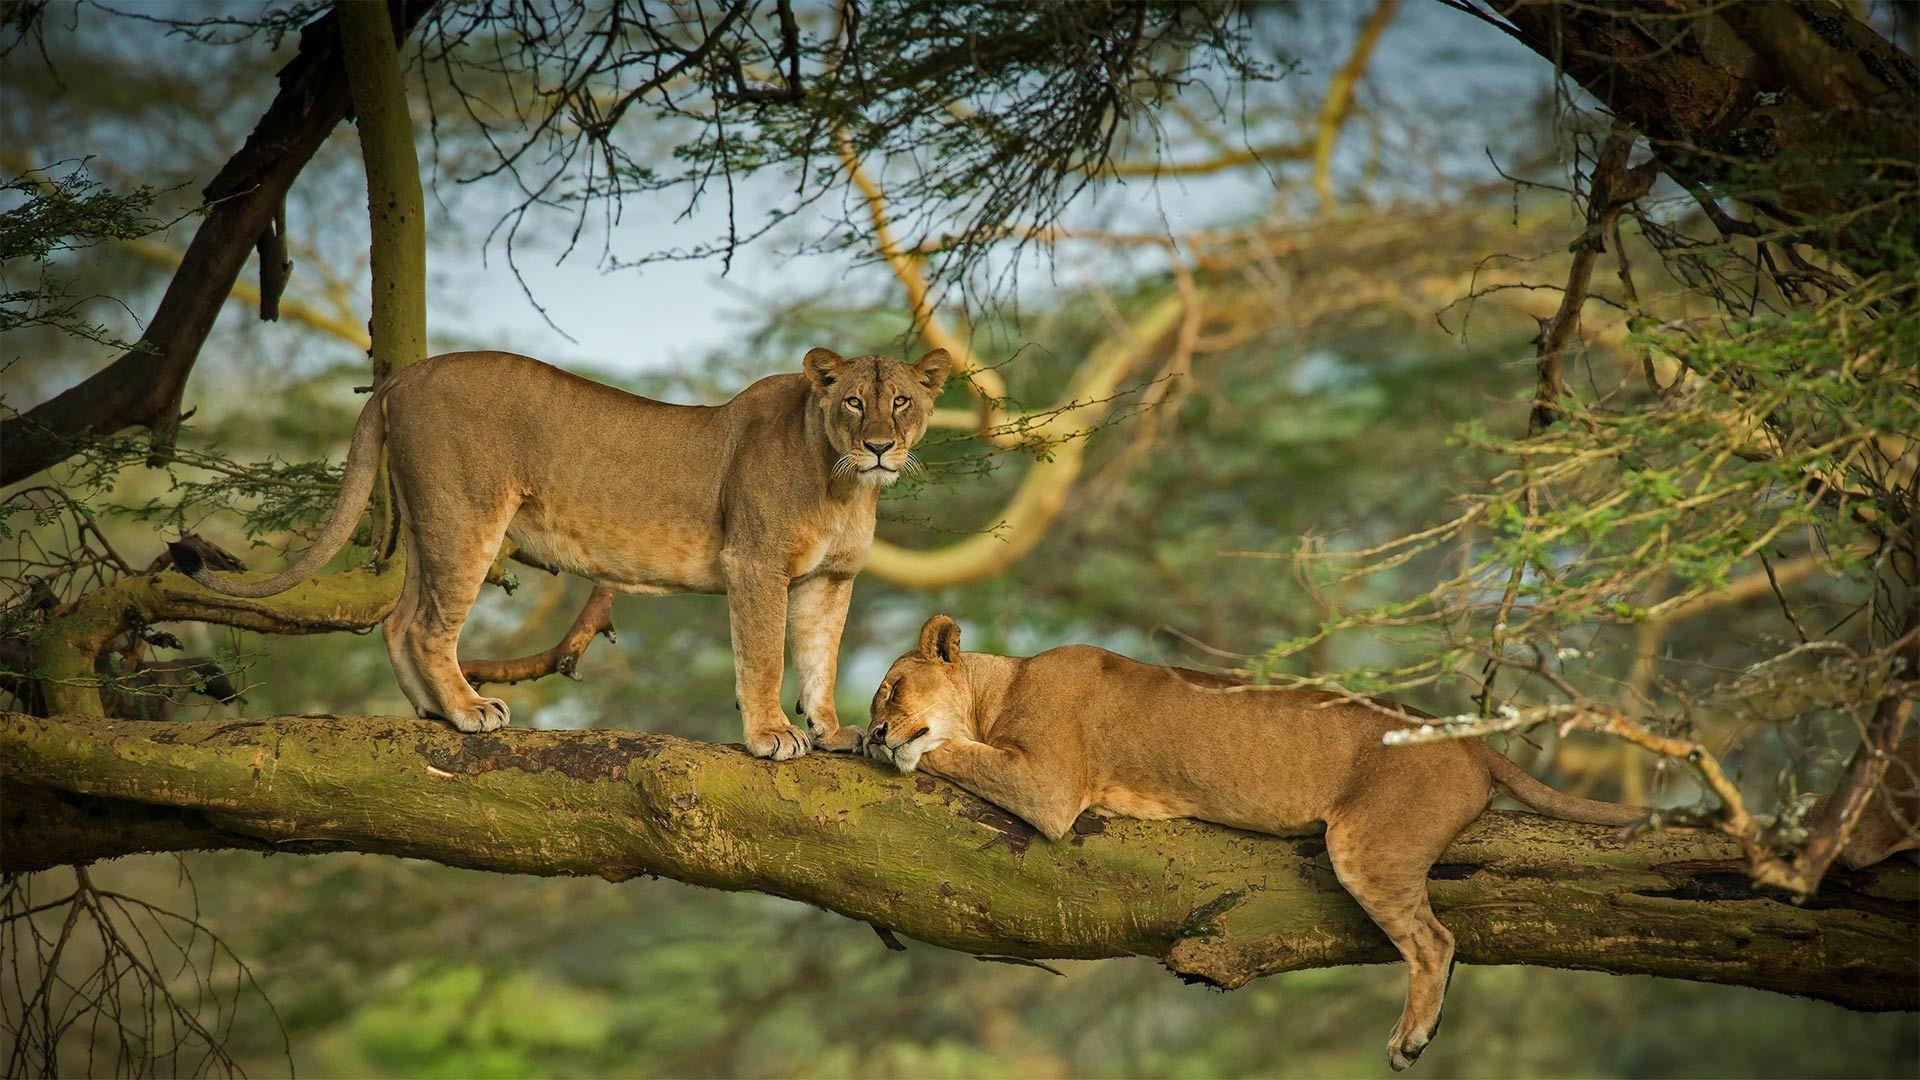 纳库鲁湖周围森林中的两只母狮子狮子